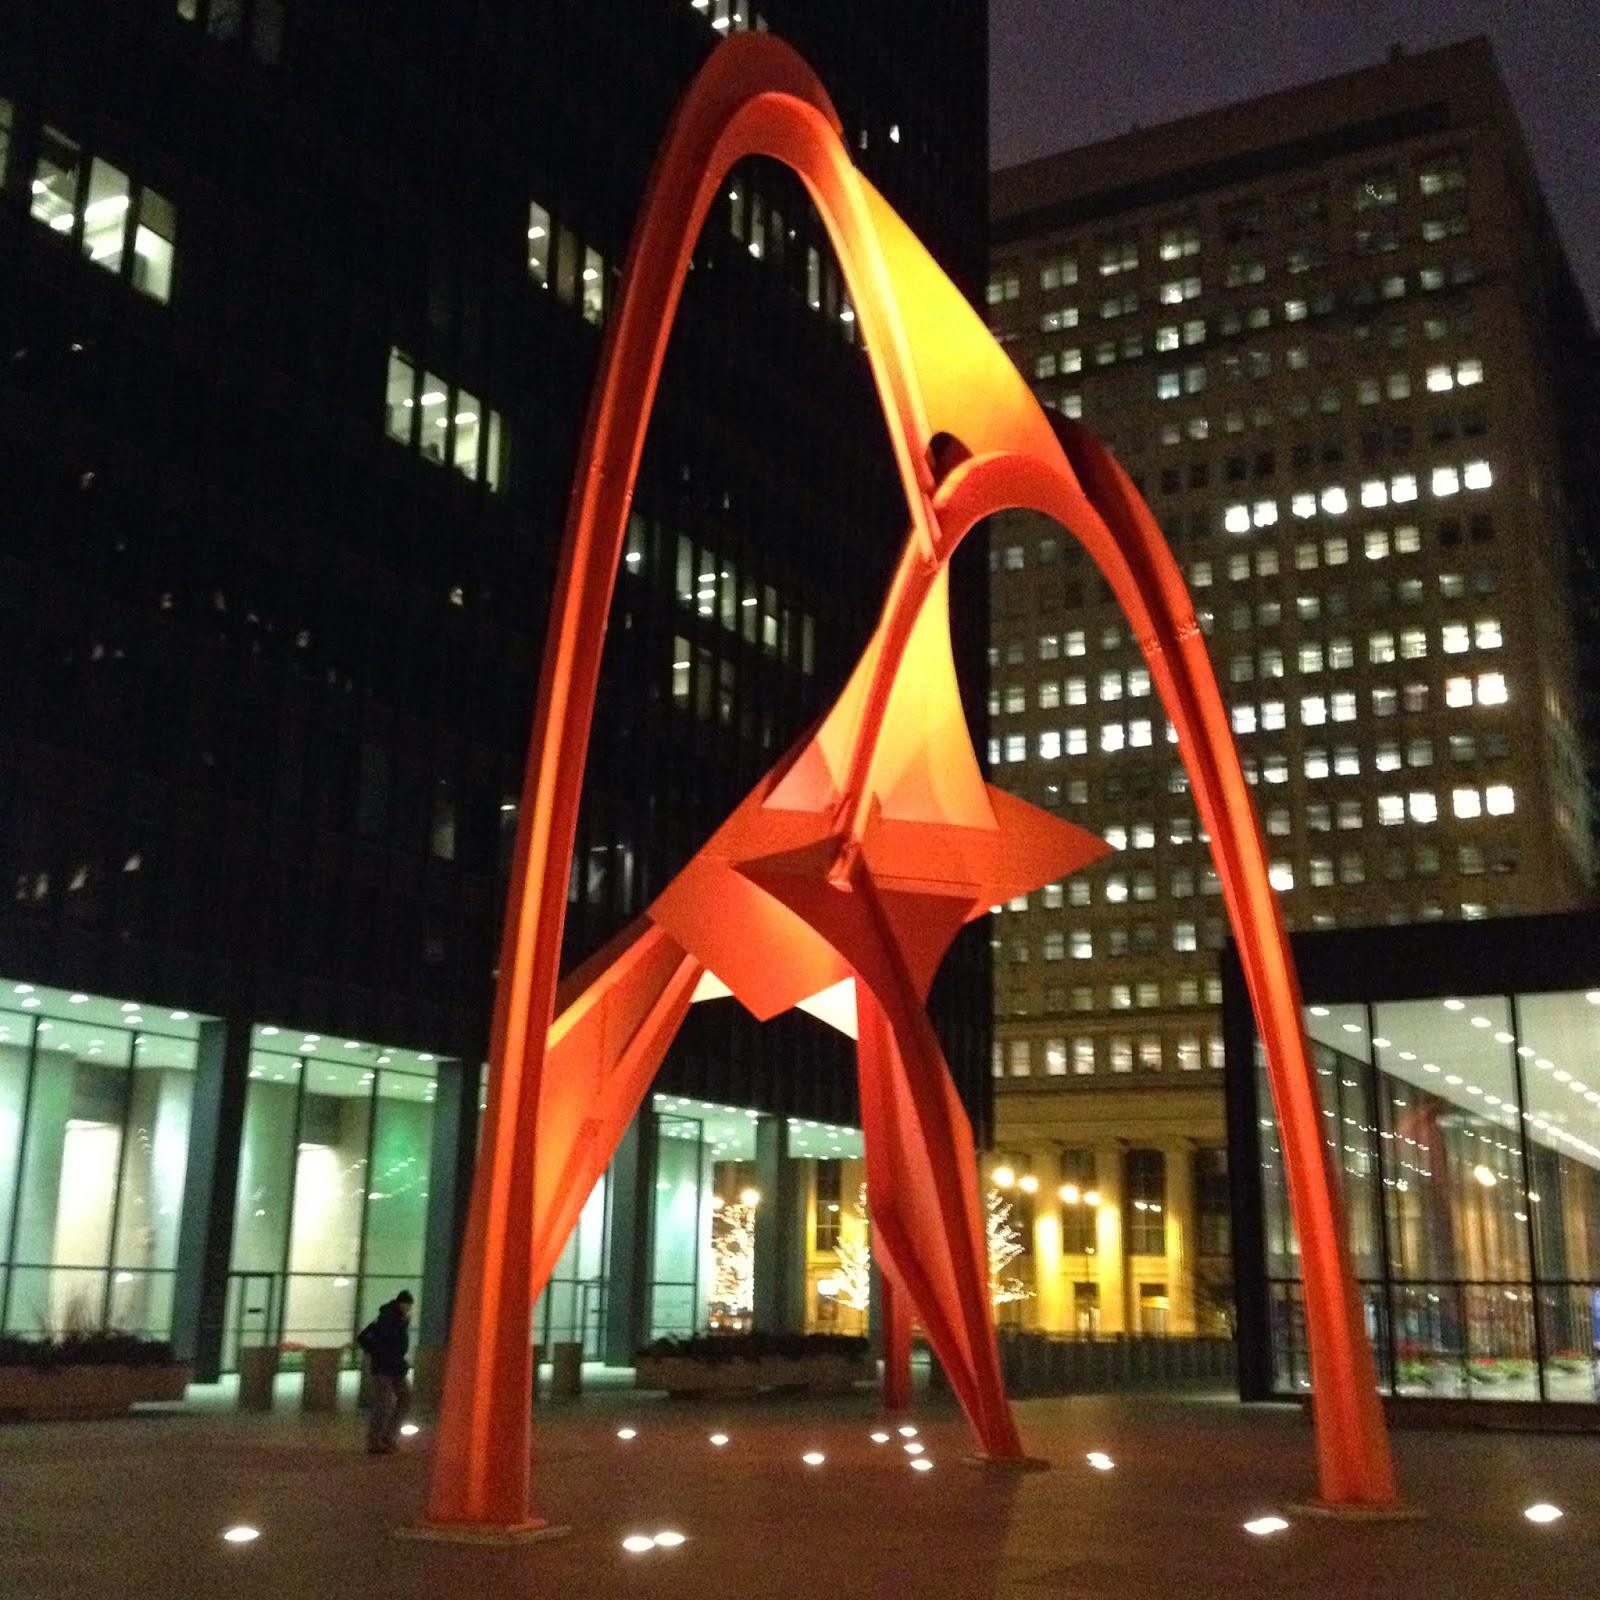 red Flamingo Calder sculpture